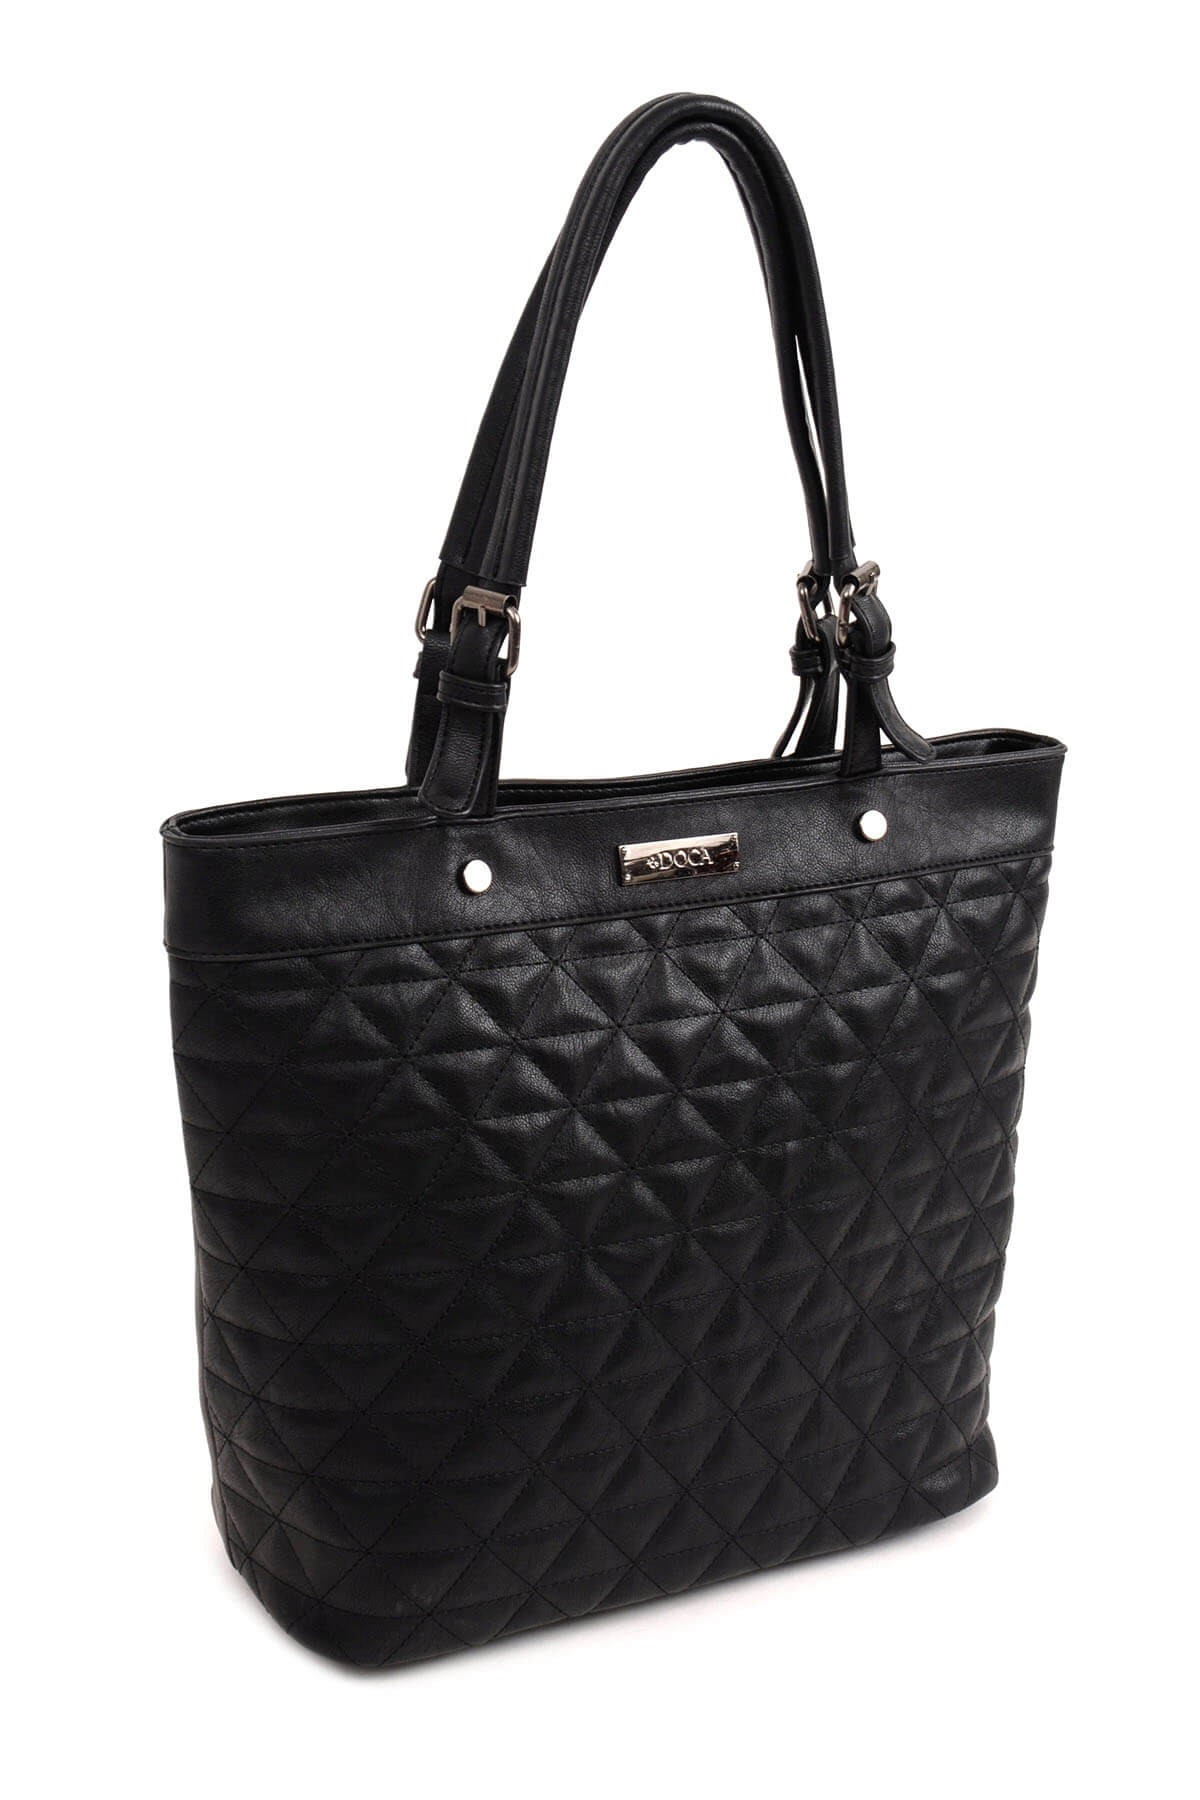 Dámská kabelka Doca 14115 - černá